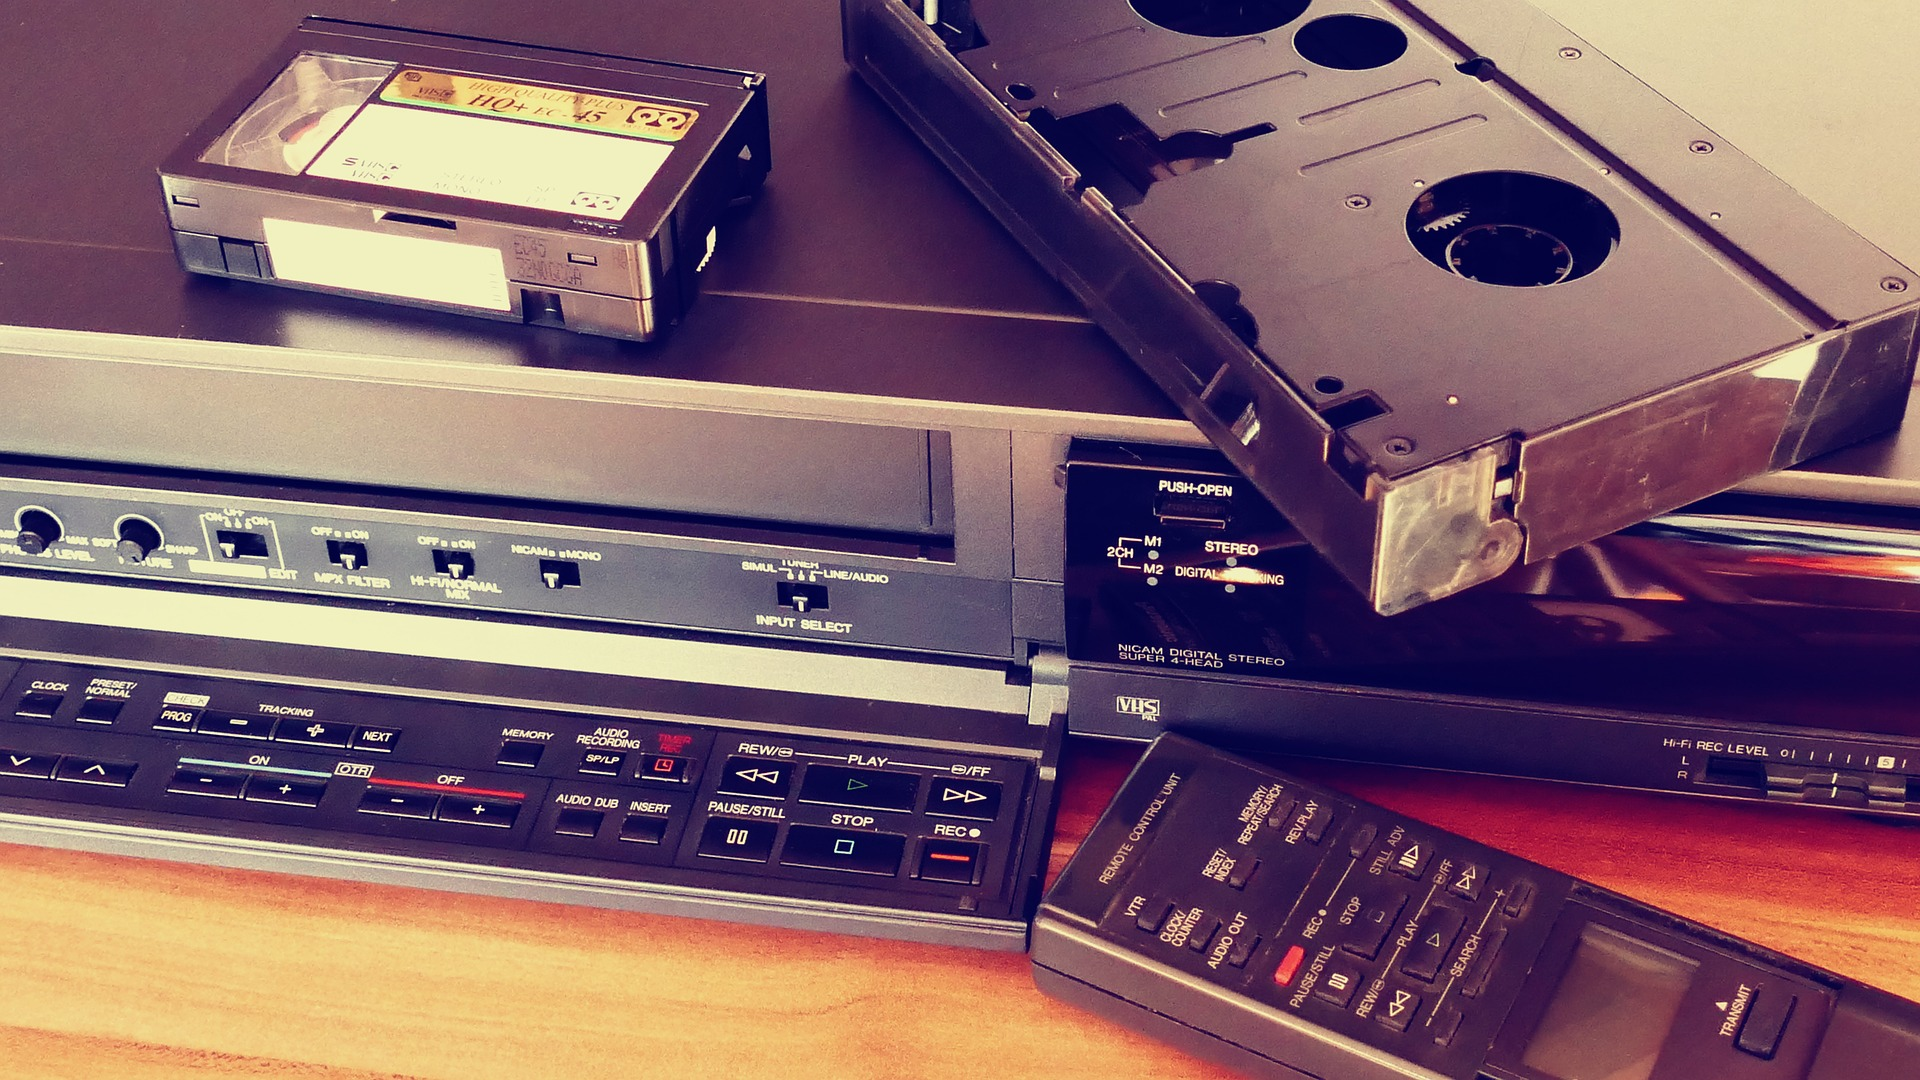 Videokassetten: Retro